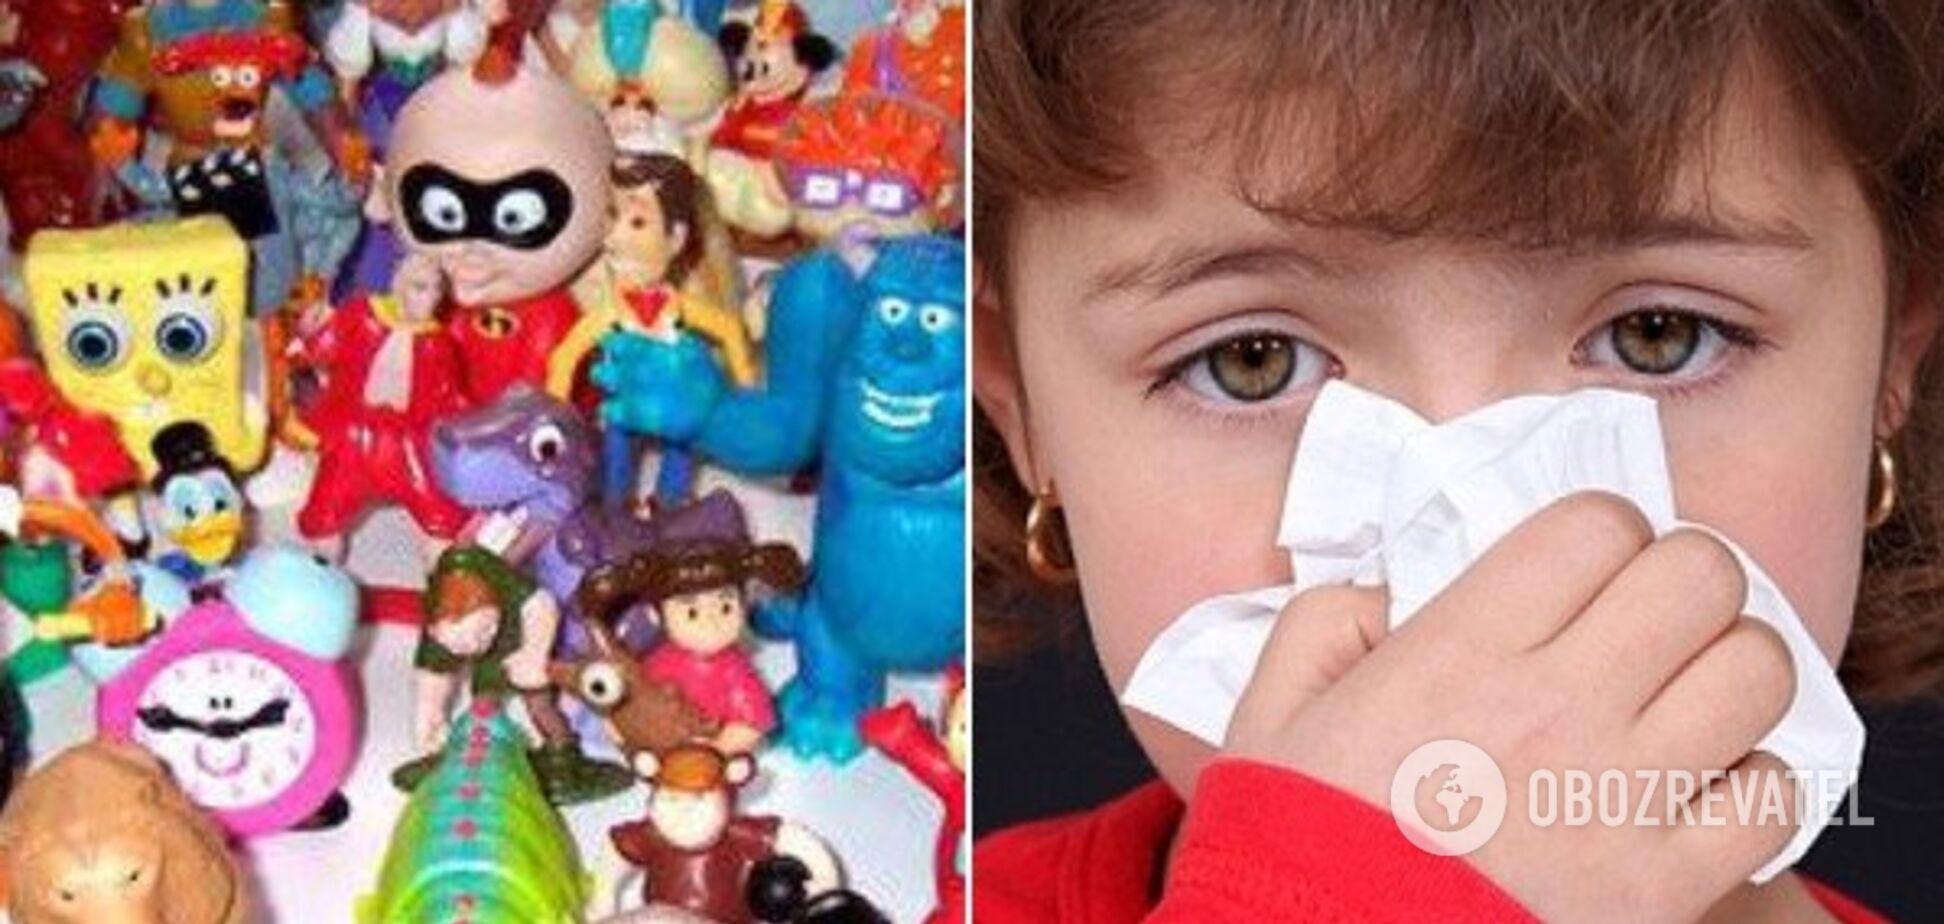 'Думали, амброзия!' В Днепре ребенок отравился ядовитыми игрушками